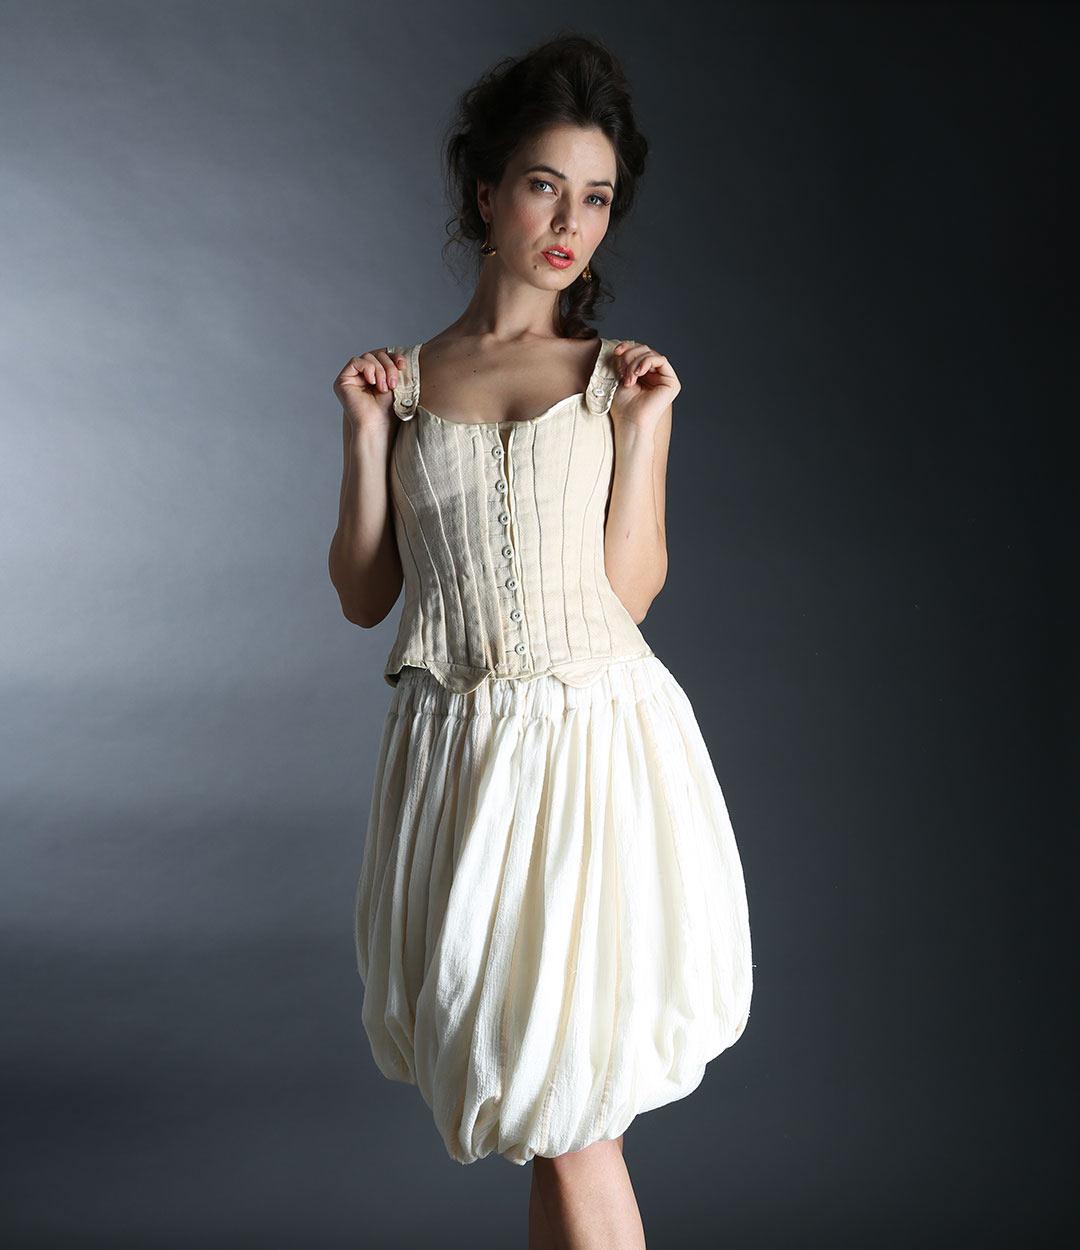 Corset and baloon skirt